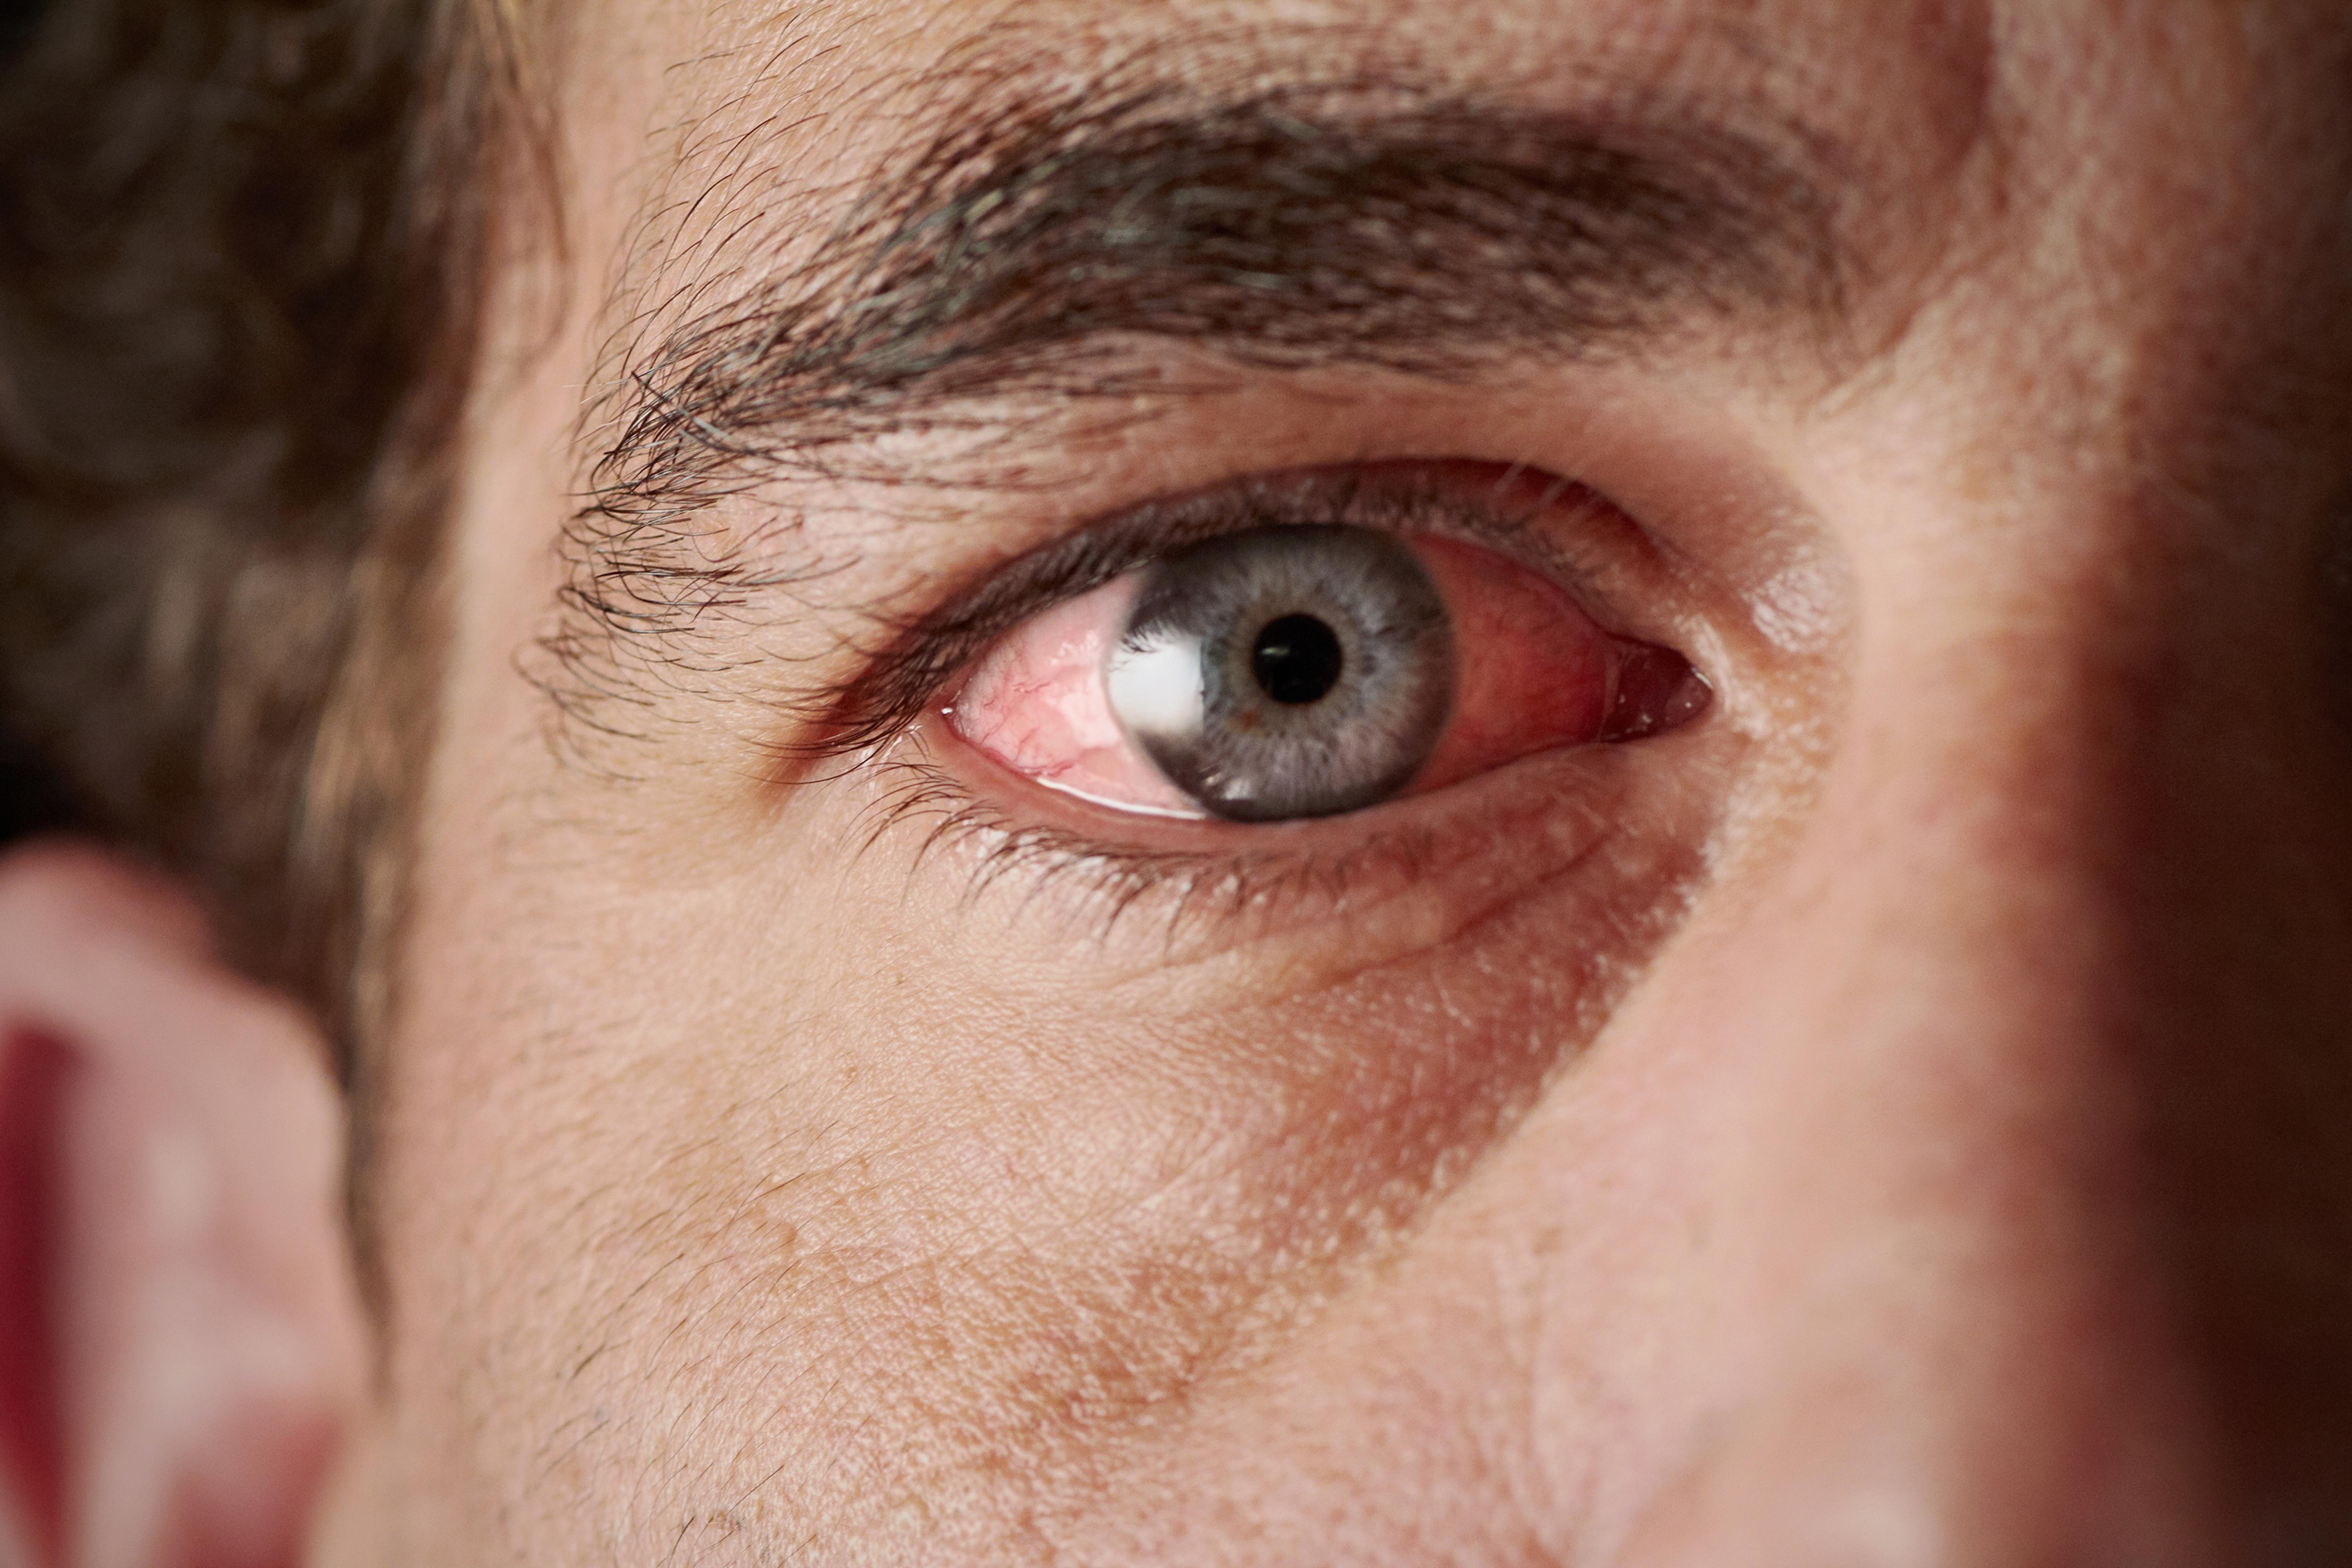 Vörös foltok a szeméremrészen a férfiak fotóján, hogyan kell kezelni